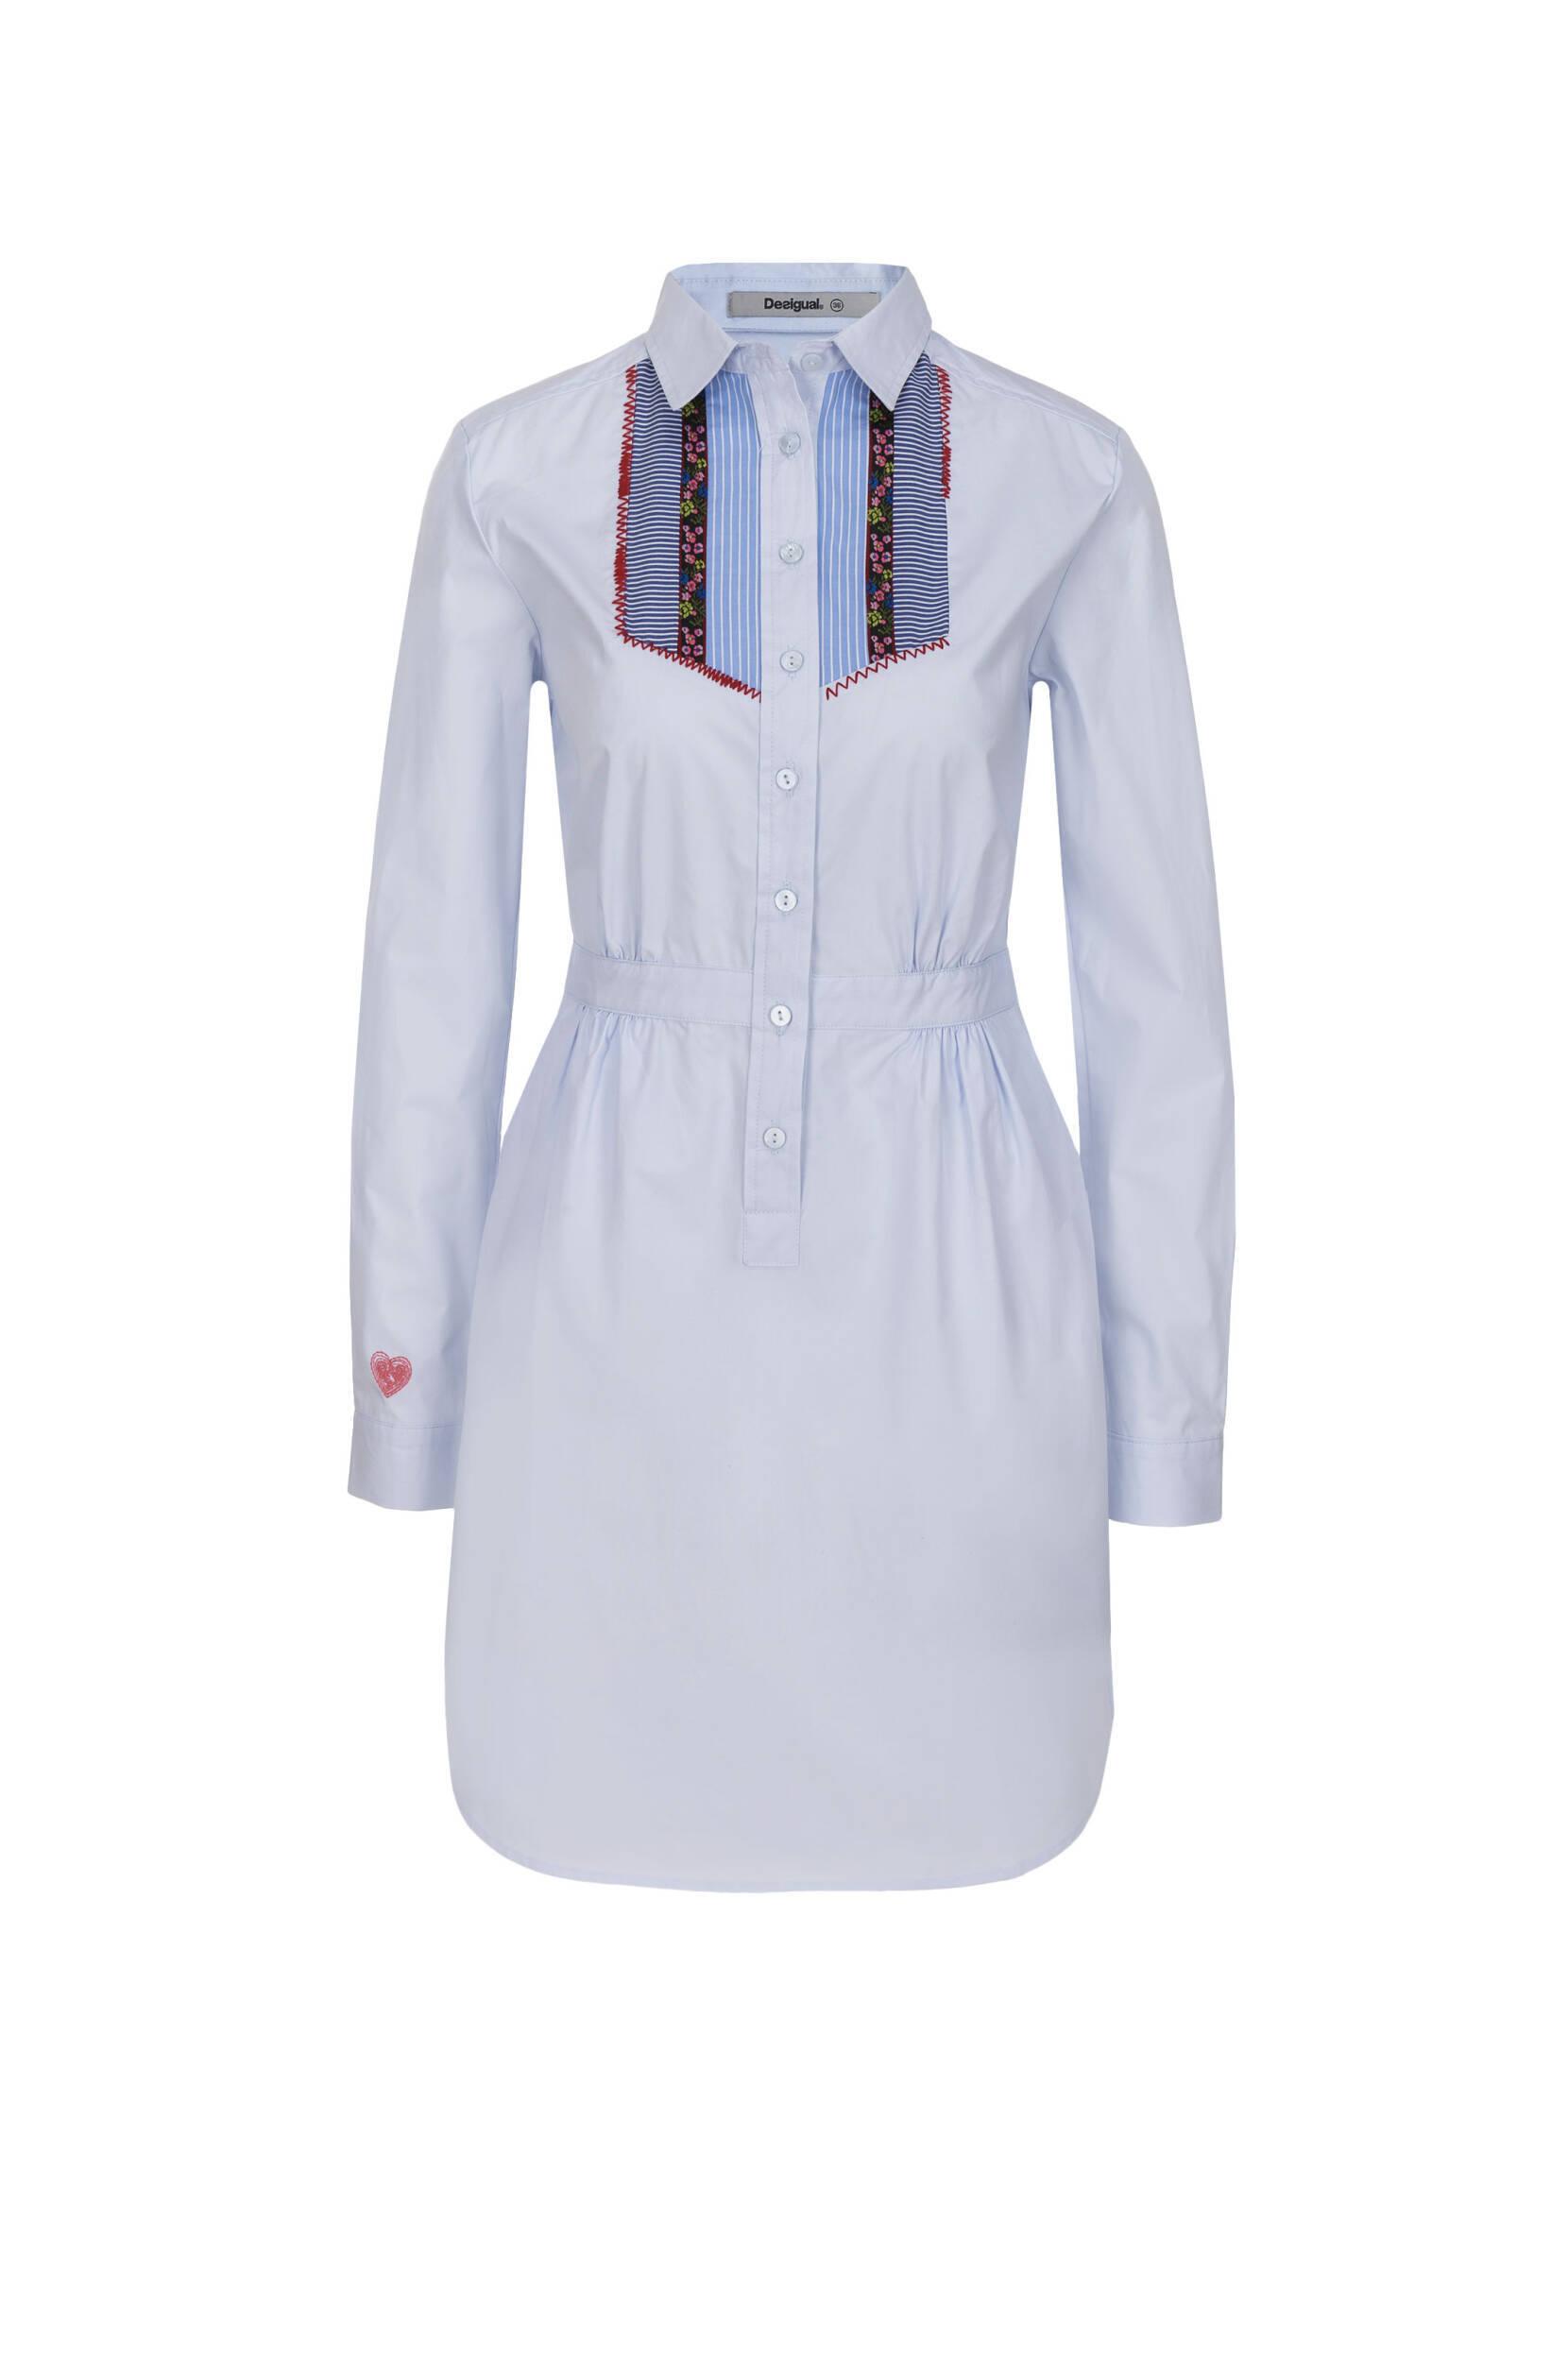 66389a82b0581 Sukienka Suiza Desigual | Niebieski | Gomez.pl